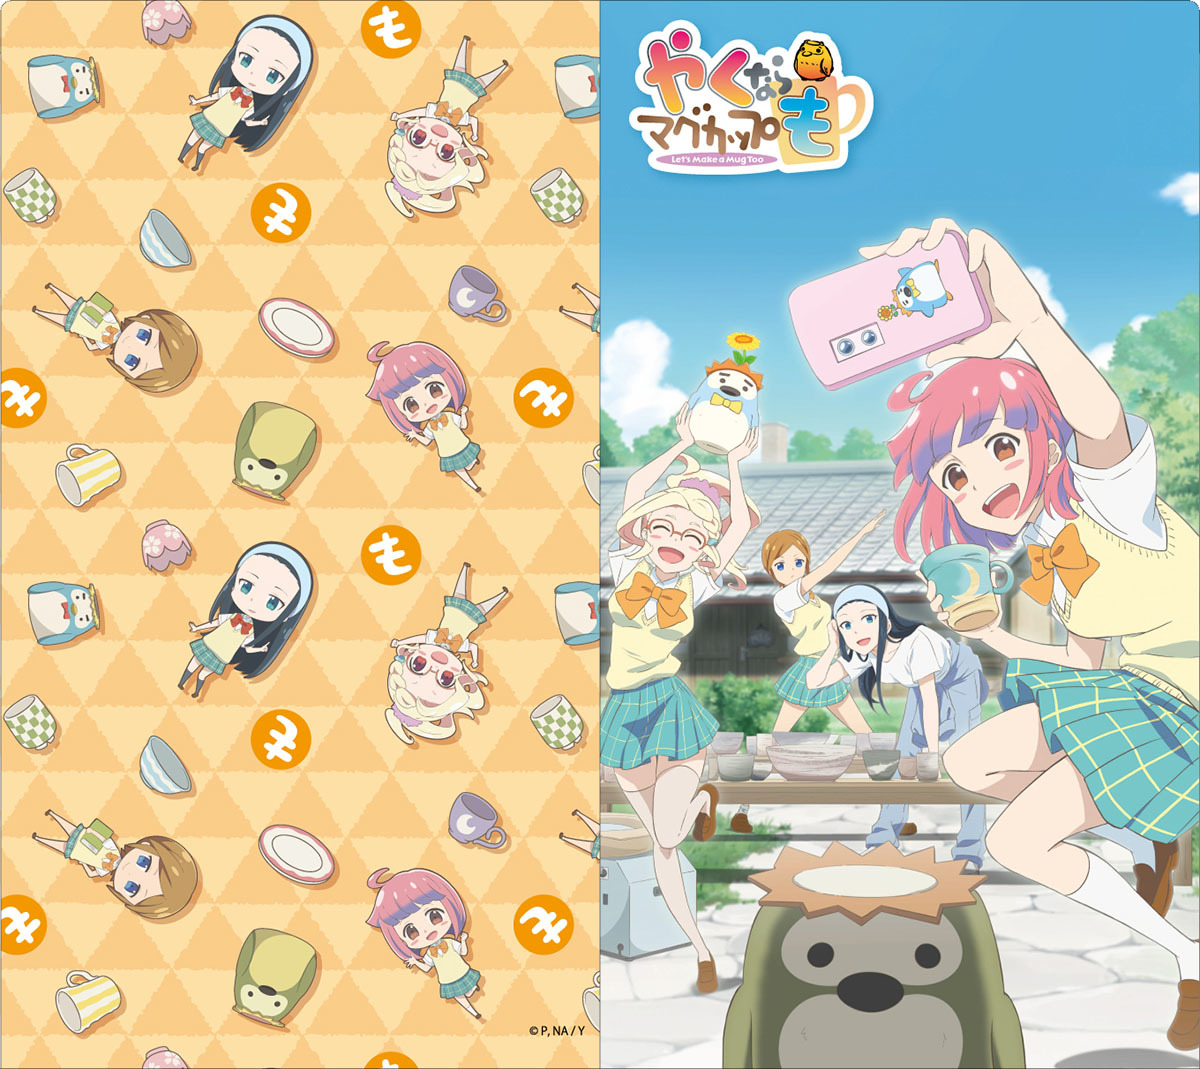 マスクケース(外) (c) プラネット・日本アニメーション/やくならマグカップも製作委員会